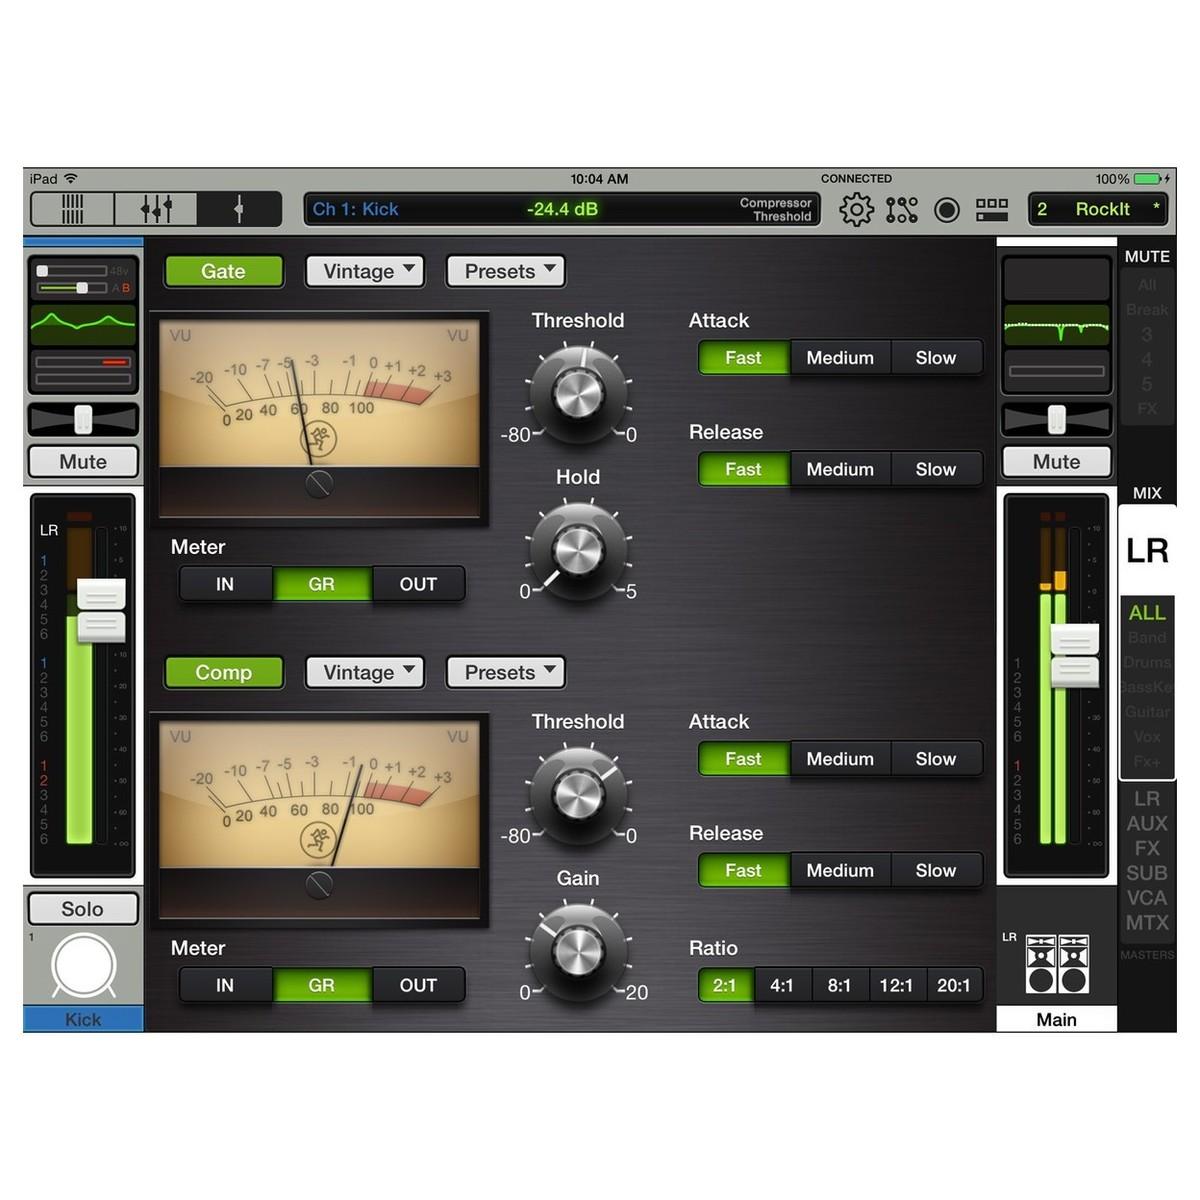 Disc mackie dl32r sans fil digital audio mixer avec ipad - Table de mixage virtuel gratuit en francais ...